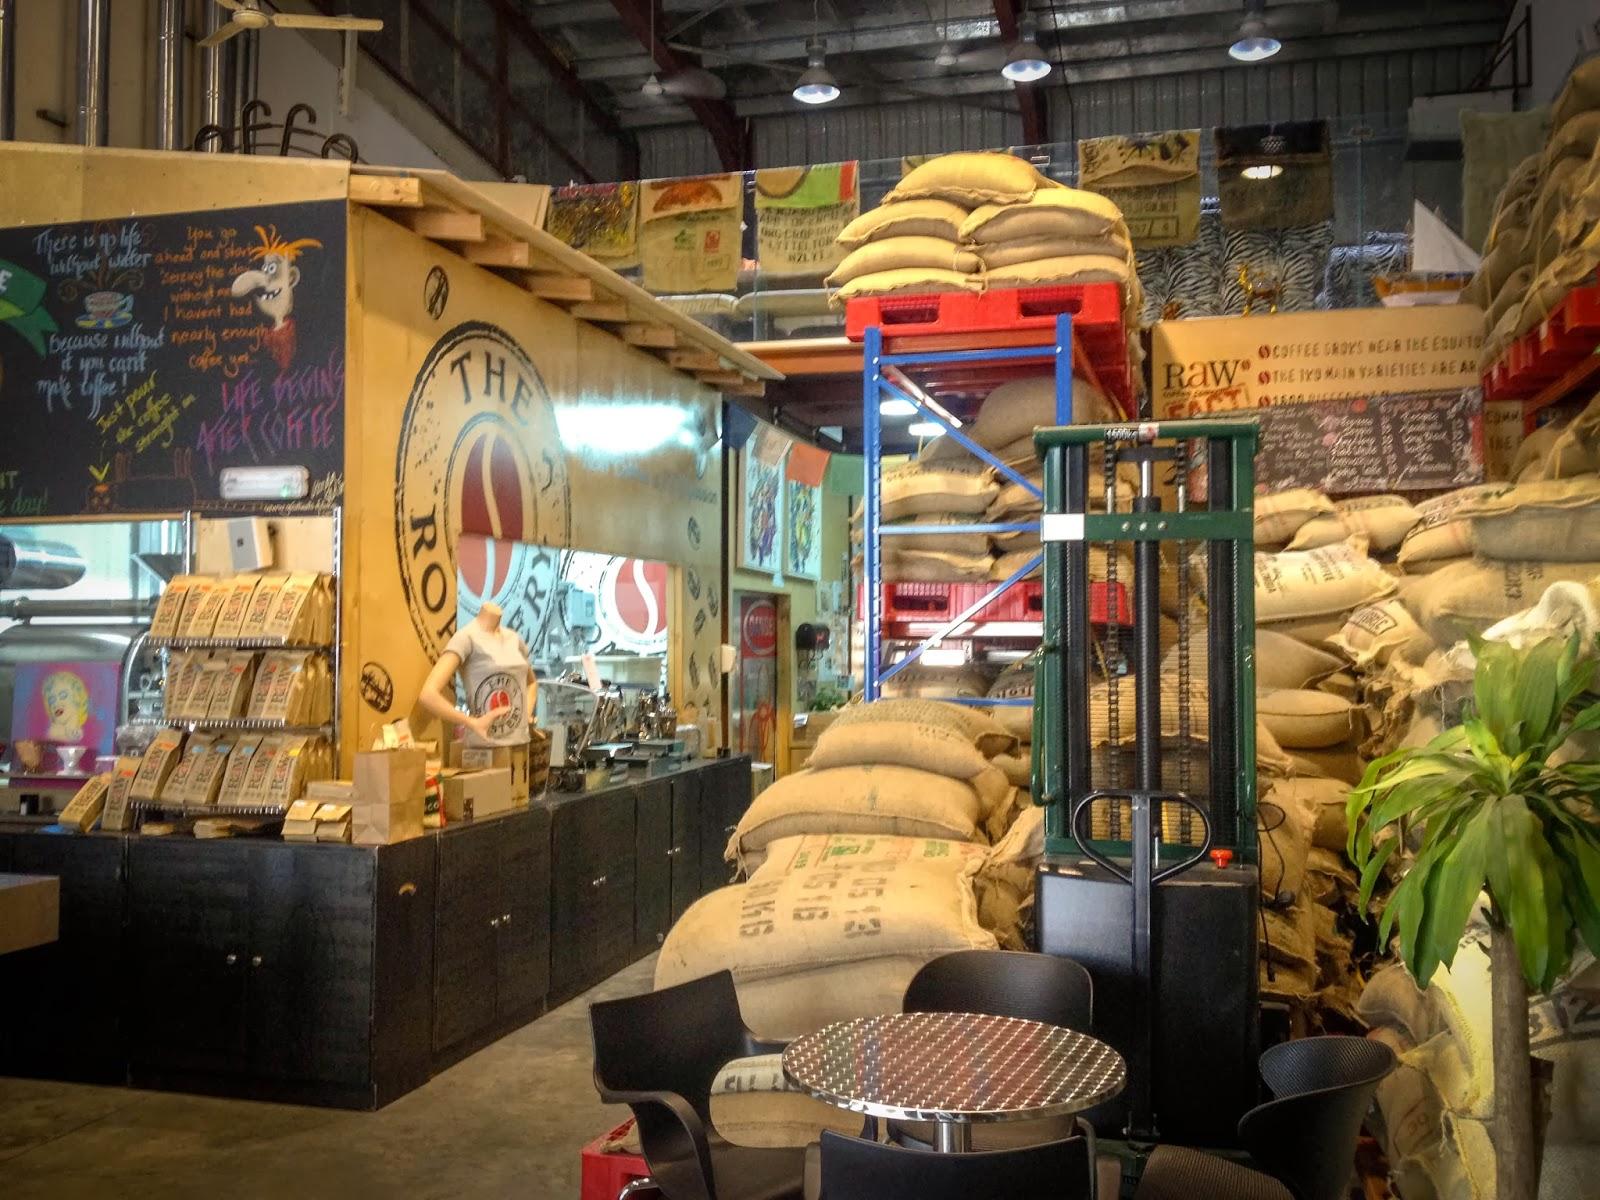 Raw Coffee cafe in Dubai